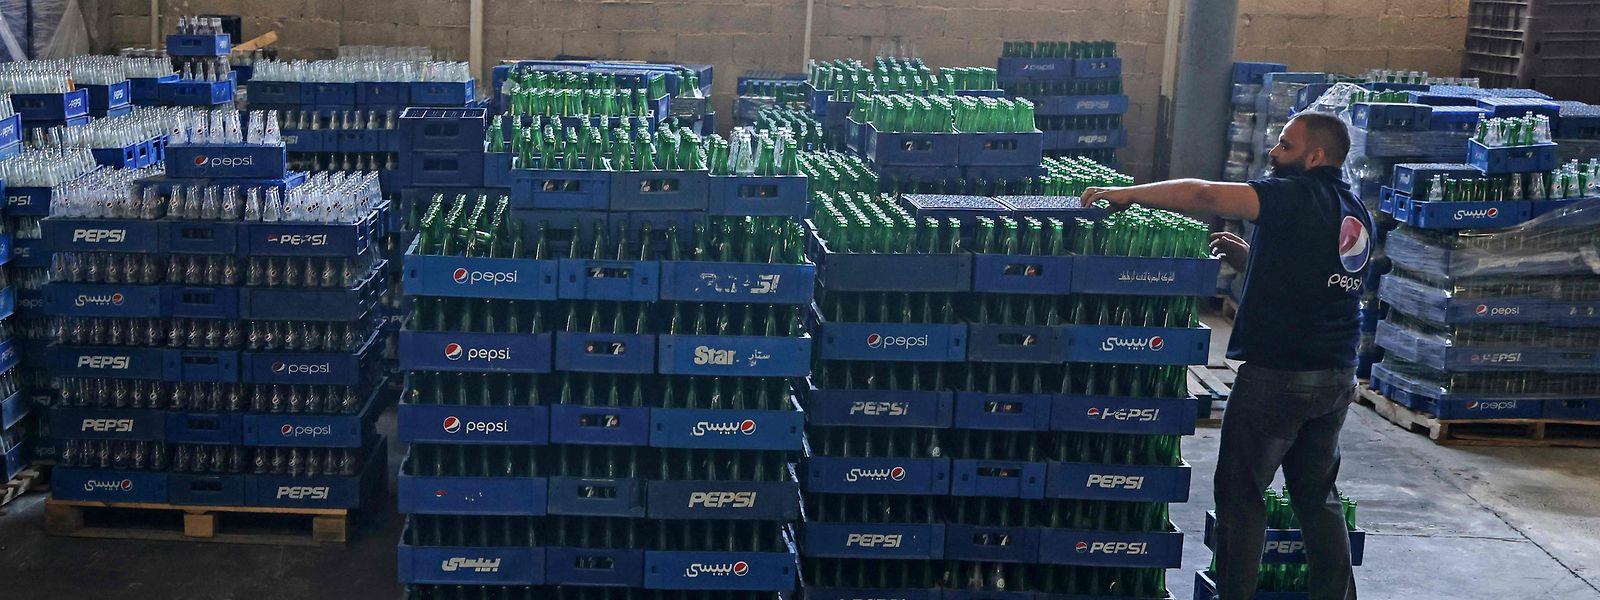 Pepsi gehört zu den weltweit agierenden Getränkeproduzenten.